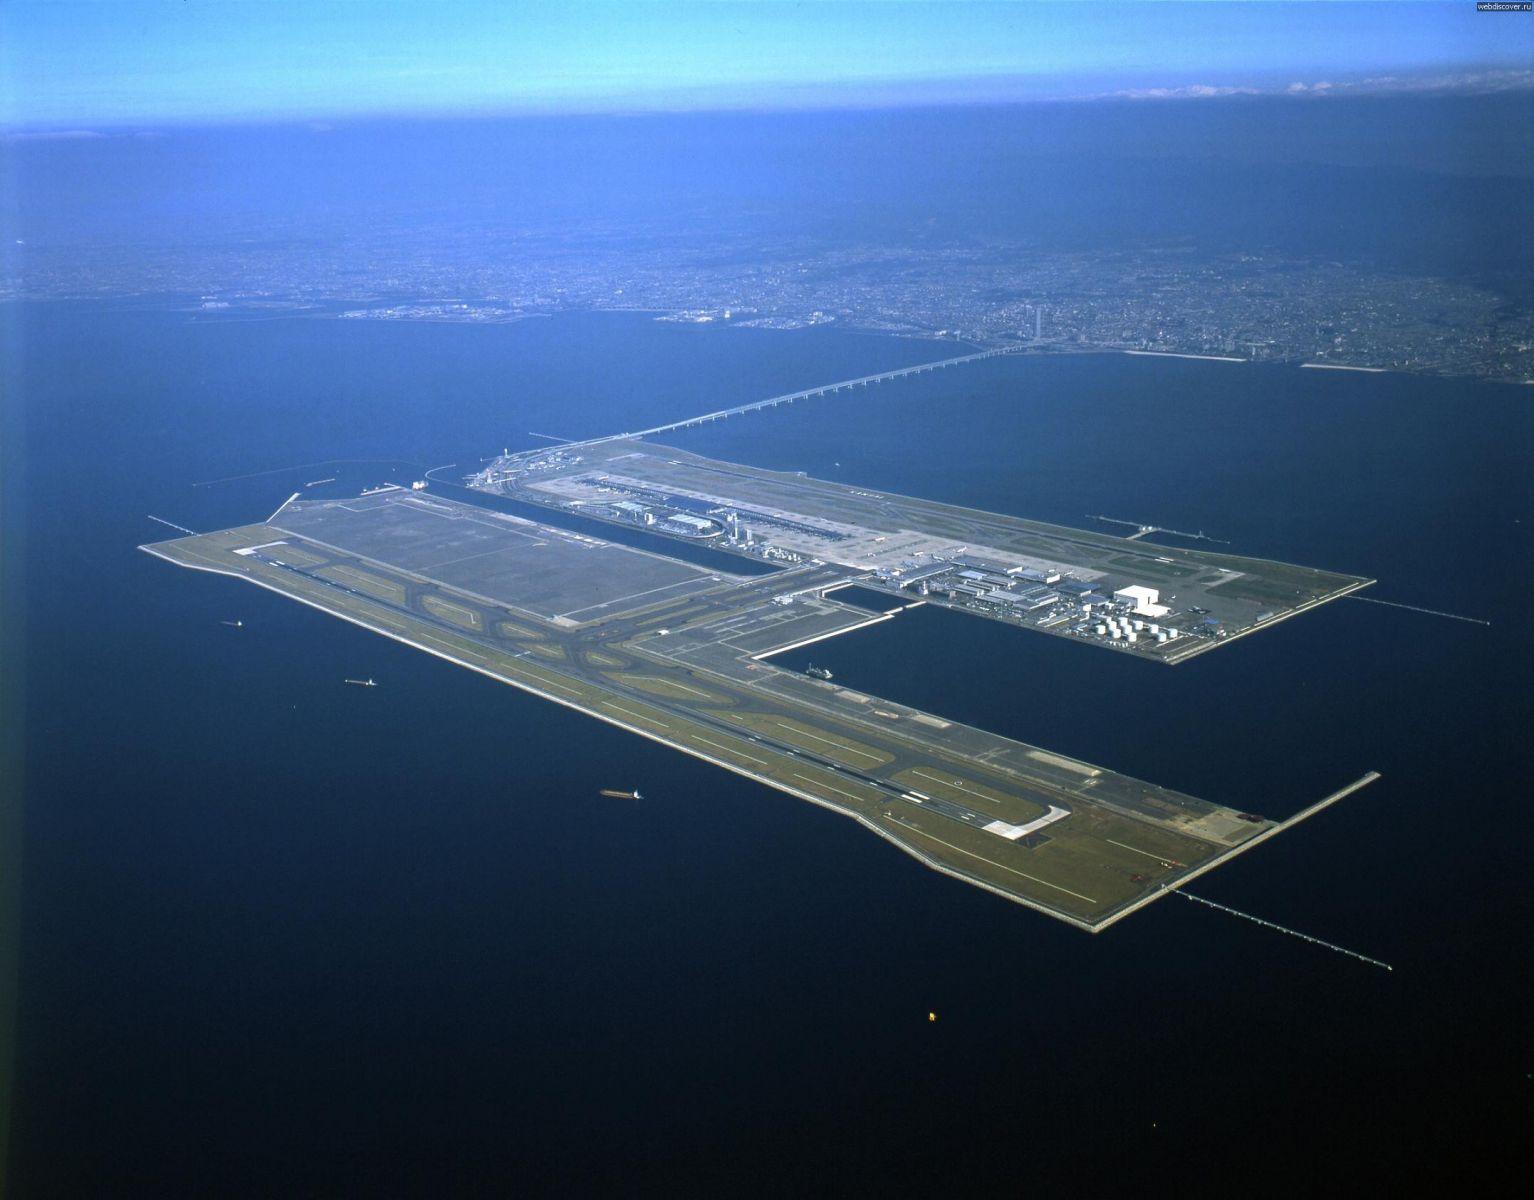 Топ 10 самых красивых аэропортов мира - фото №19